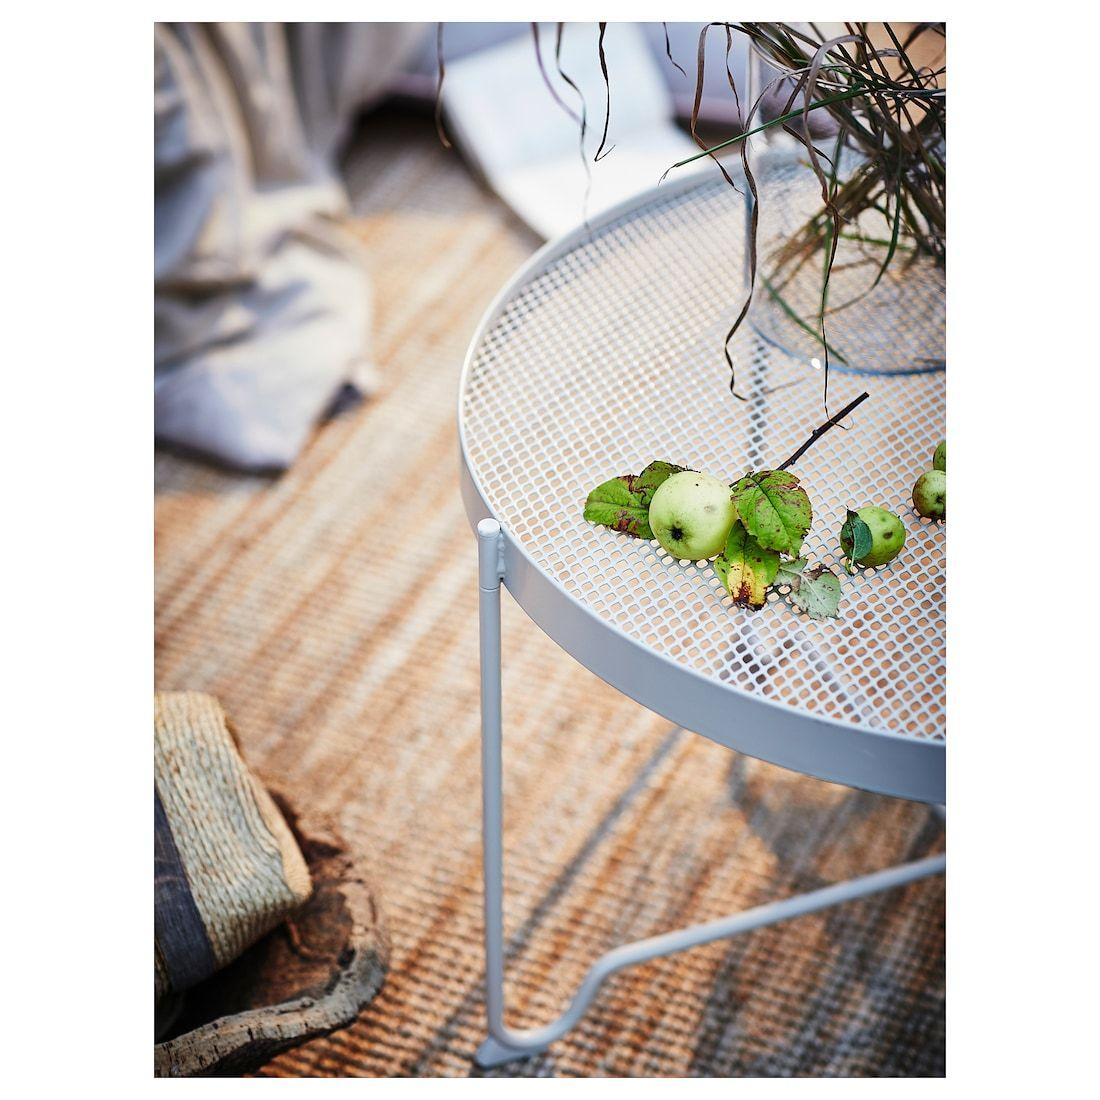 Krokholmen Coffee Table Outdoor Beige Ikea In 2021 Outdoor Coffee Tables Ikea Outdoor Used Outdoor Furniture [ 1100 x 1100 Pixel ]